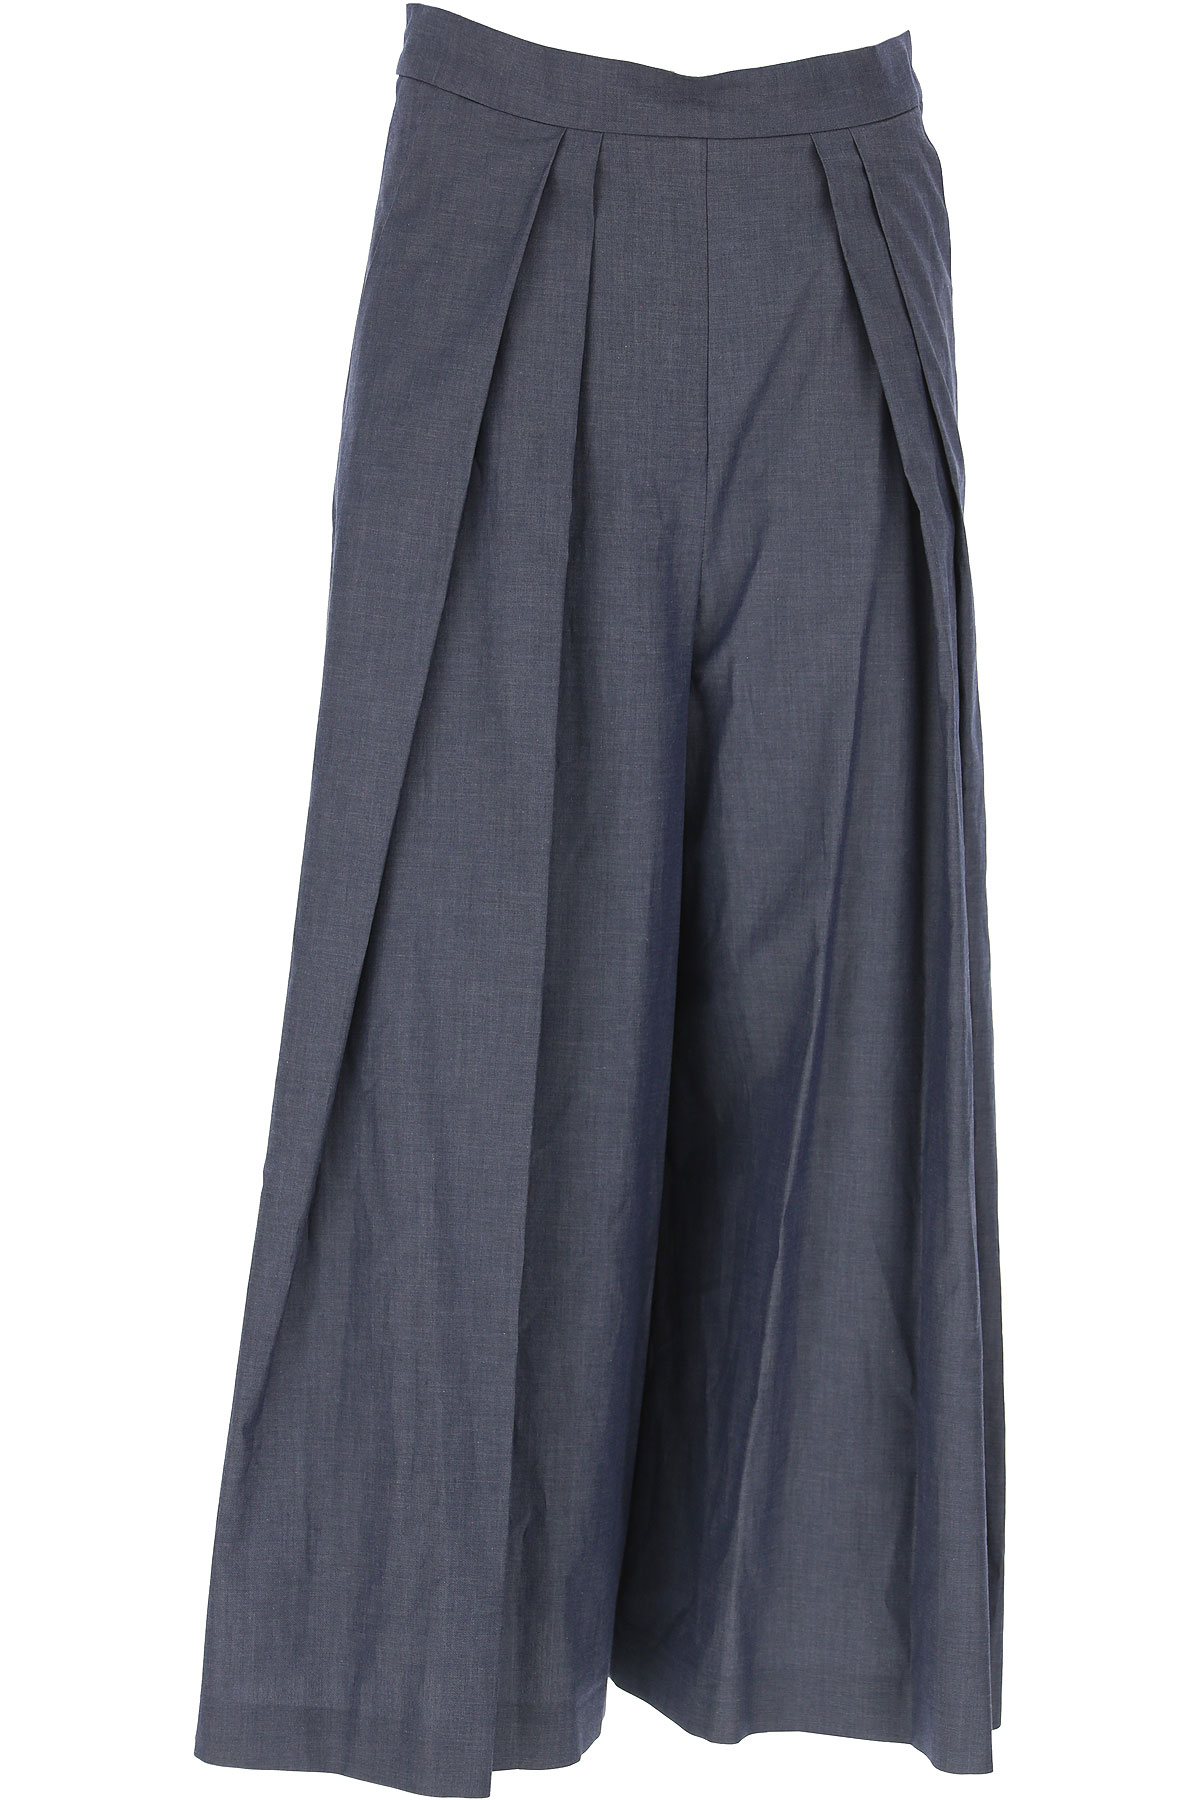 Antonio Marras Pantalon Femme, Denim bleu, Coton, 2017, 38 40 42